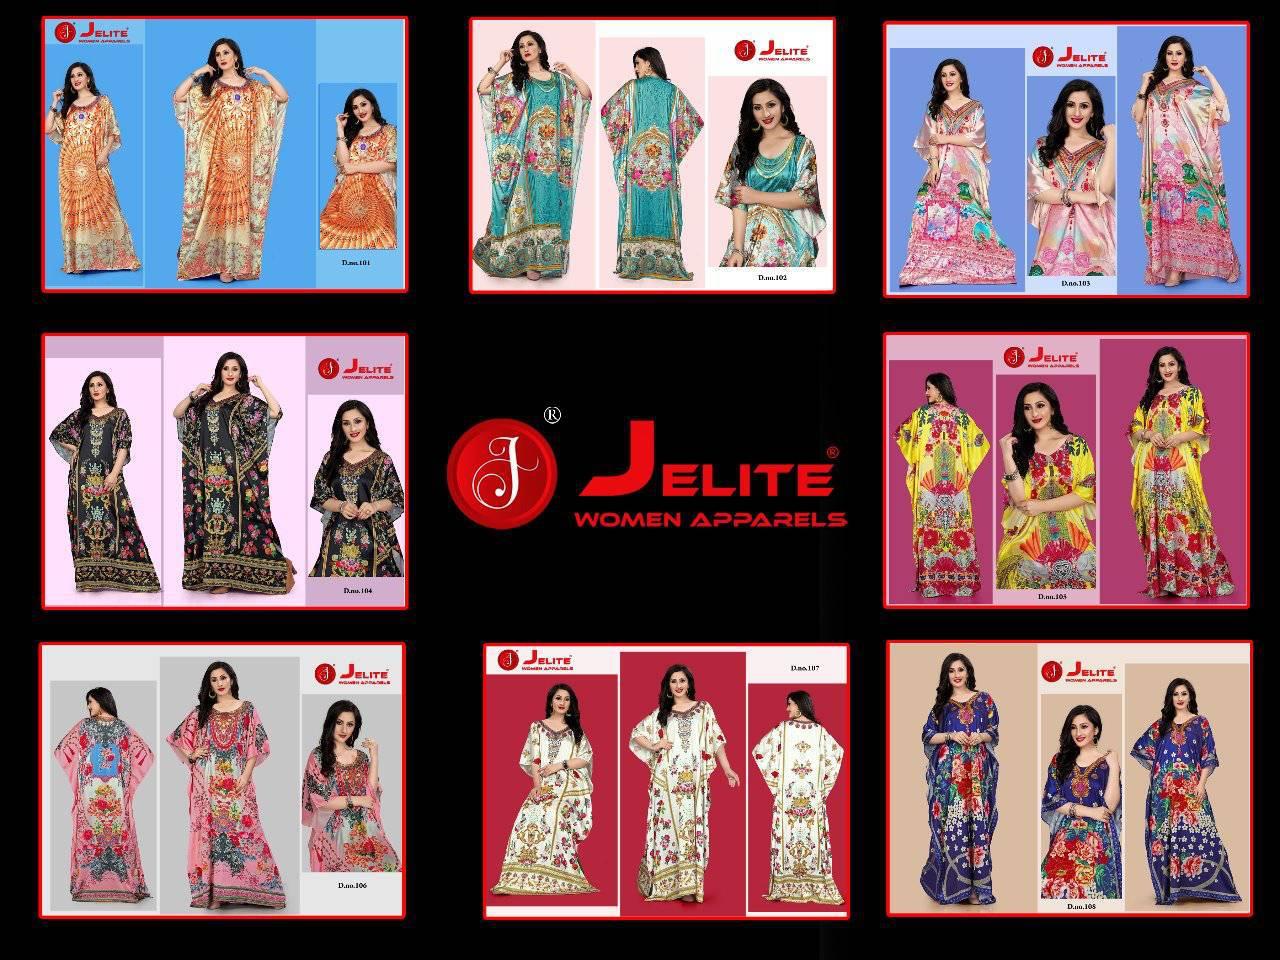 Jelite Kaftans Vol 1 Kurti Wholesale Catalog 8 Pcs 9 - Jelite Kaftans Vol 1 Kurti Wholesale Catalog 8 Pcs